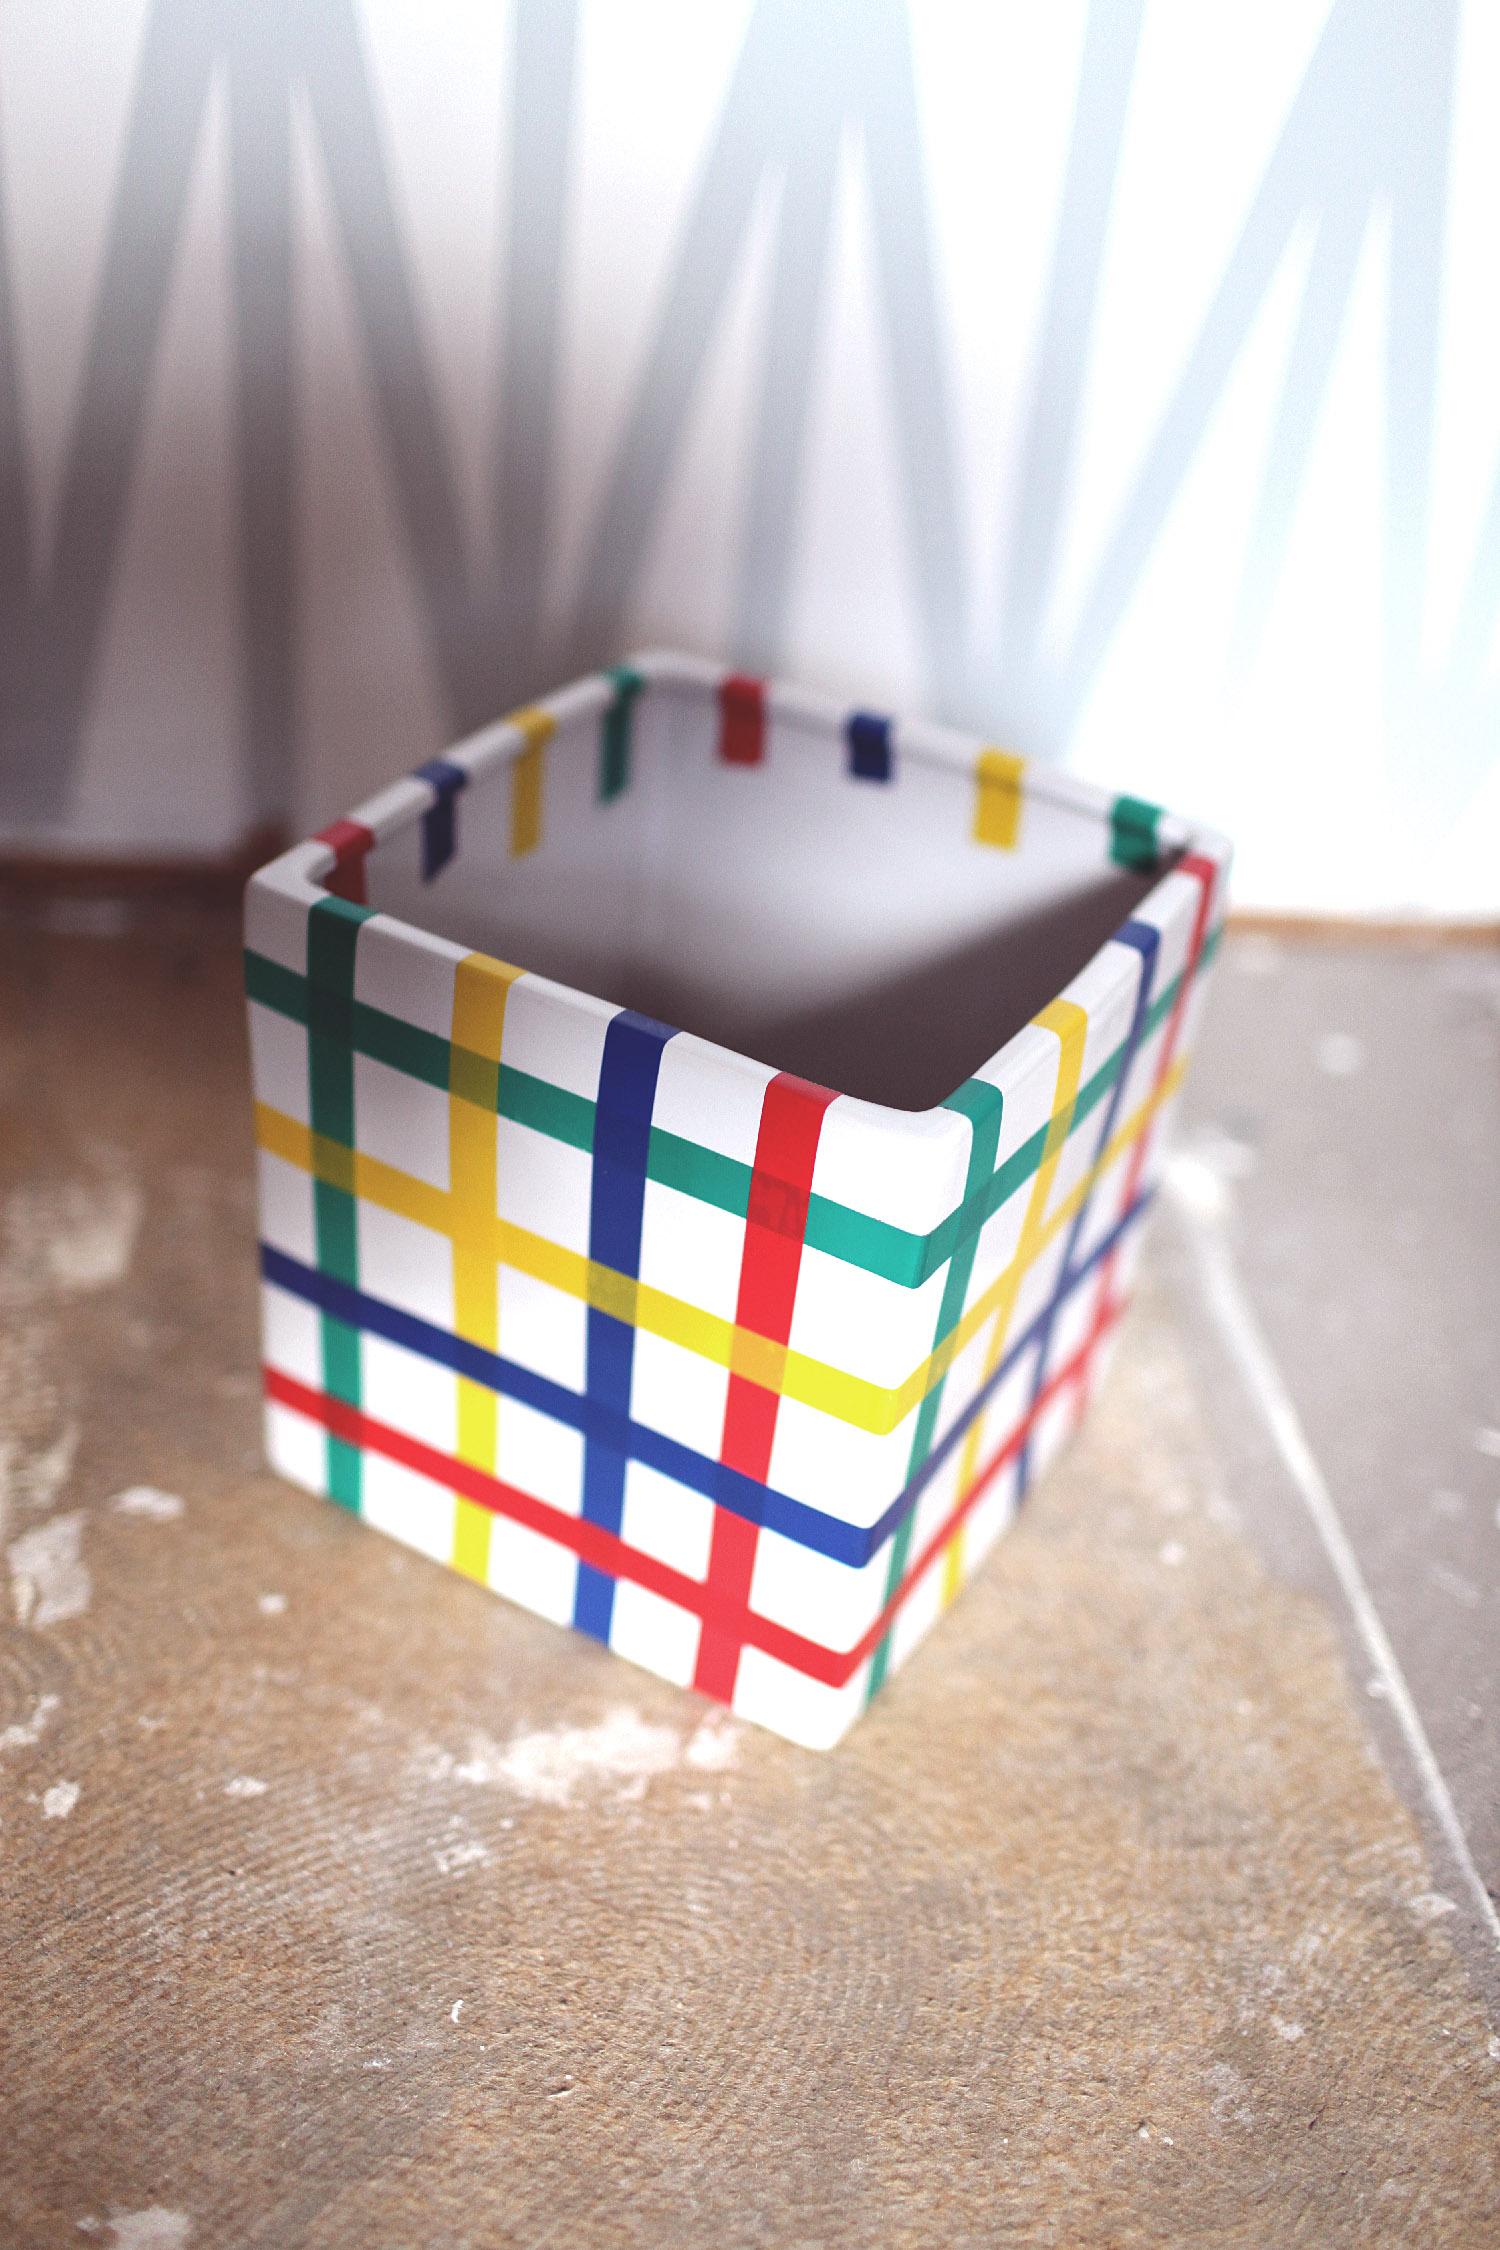 Anotherblog_Anna_Lidström_DIY_Flowerpot3.JPG